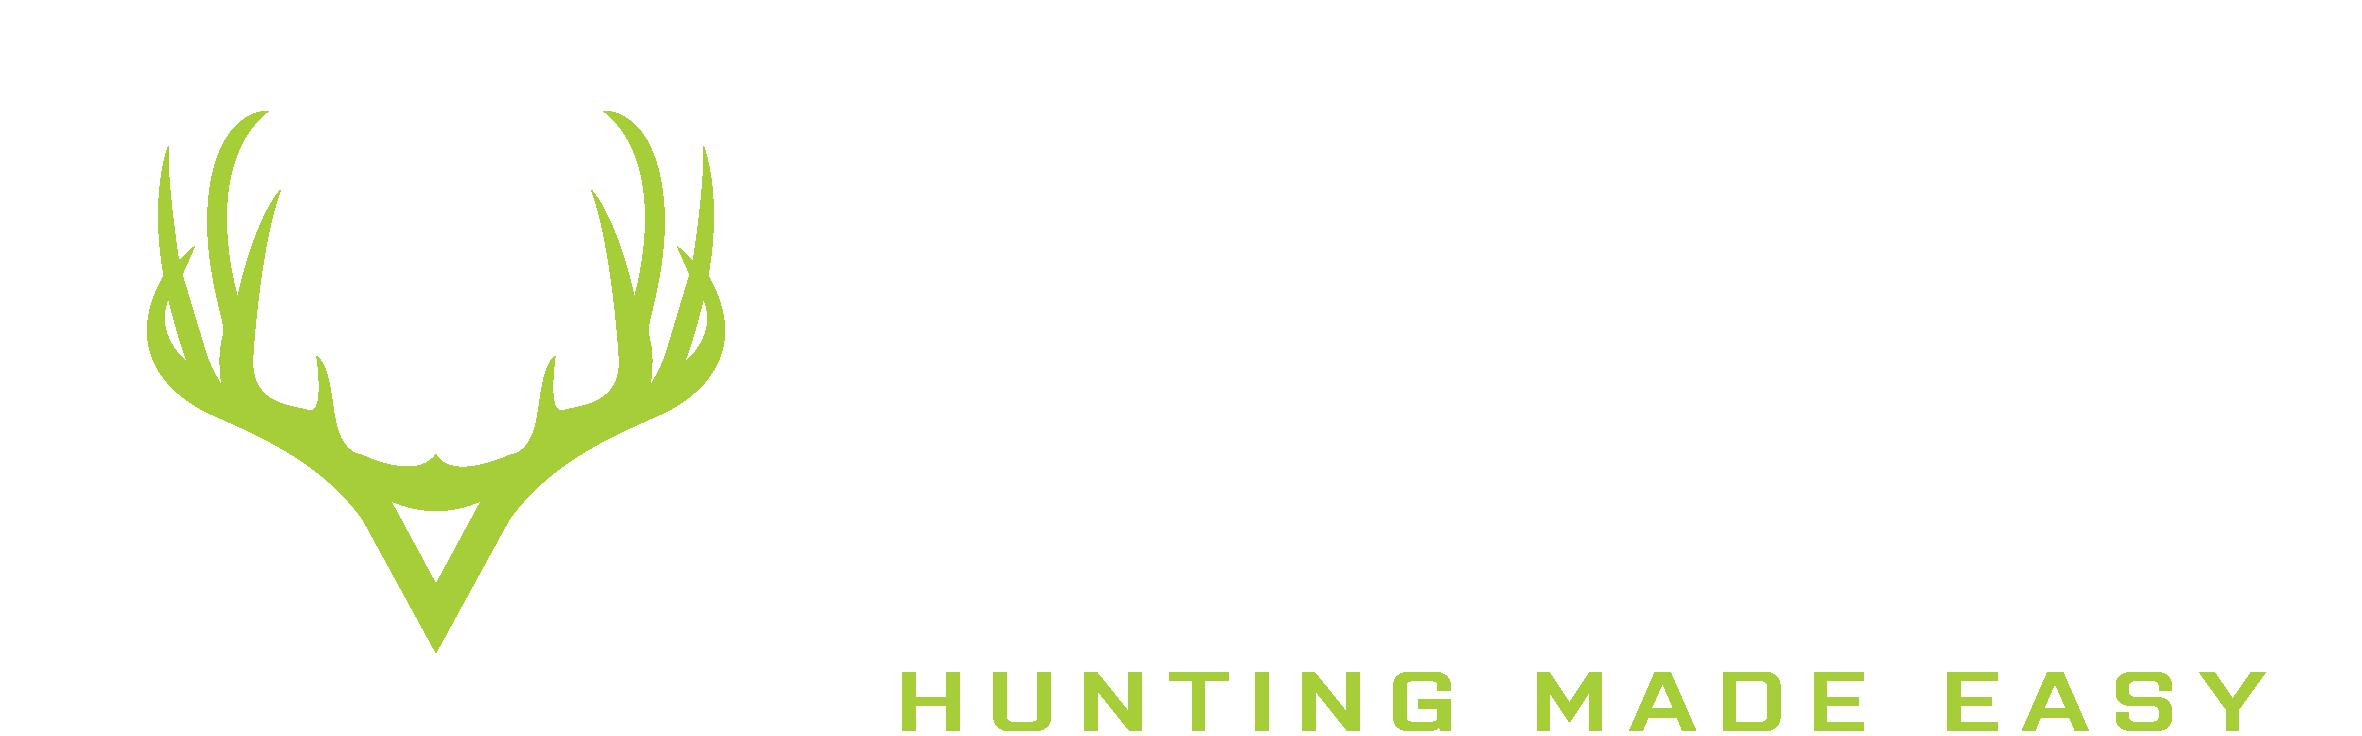 HME_Logo_Negative